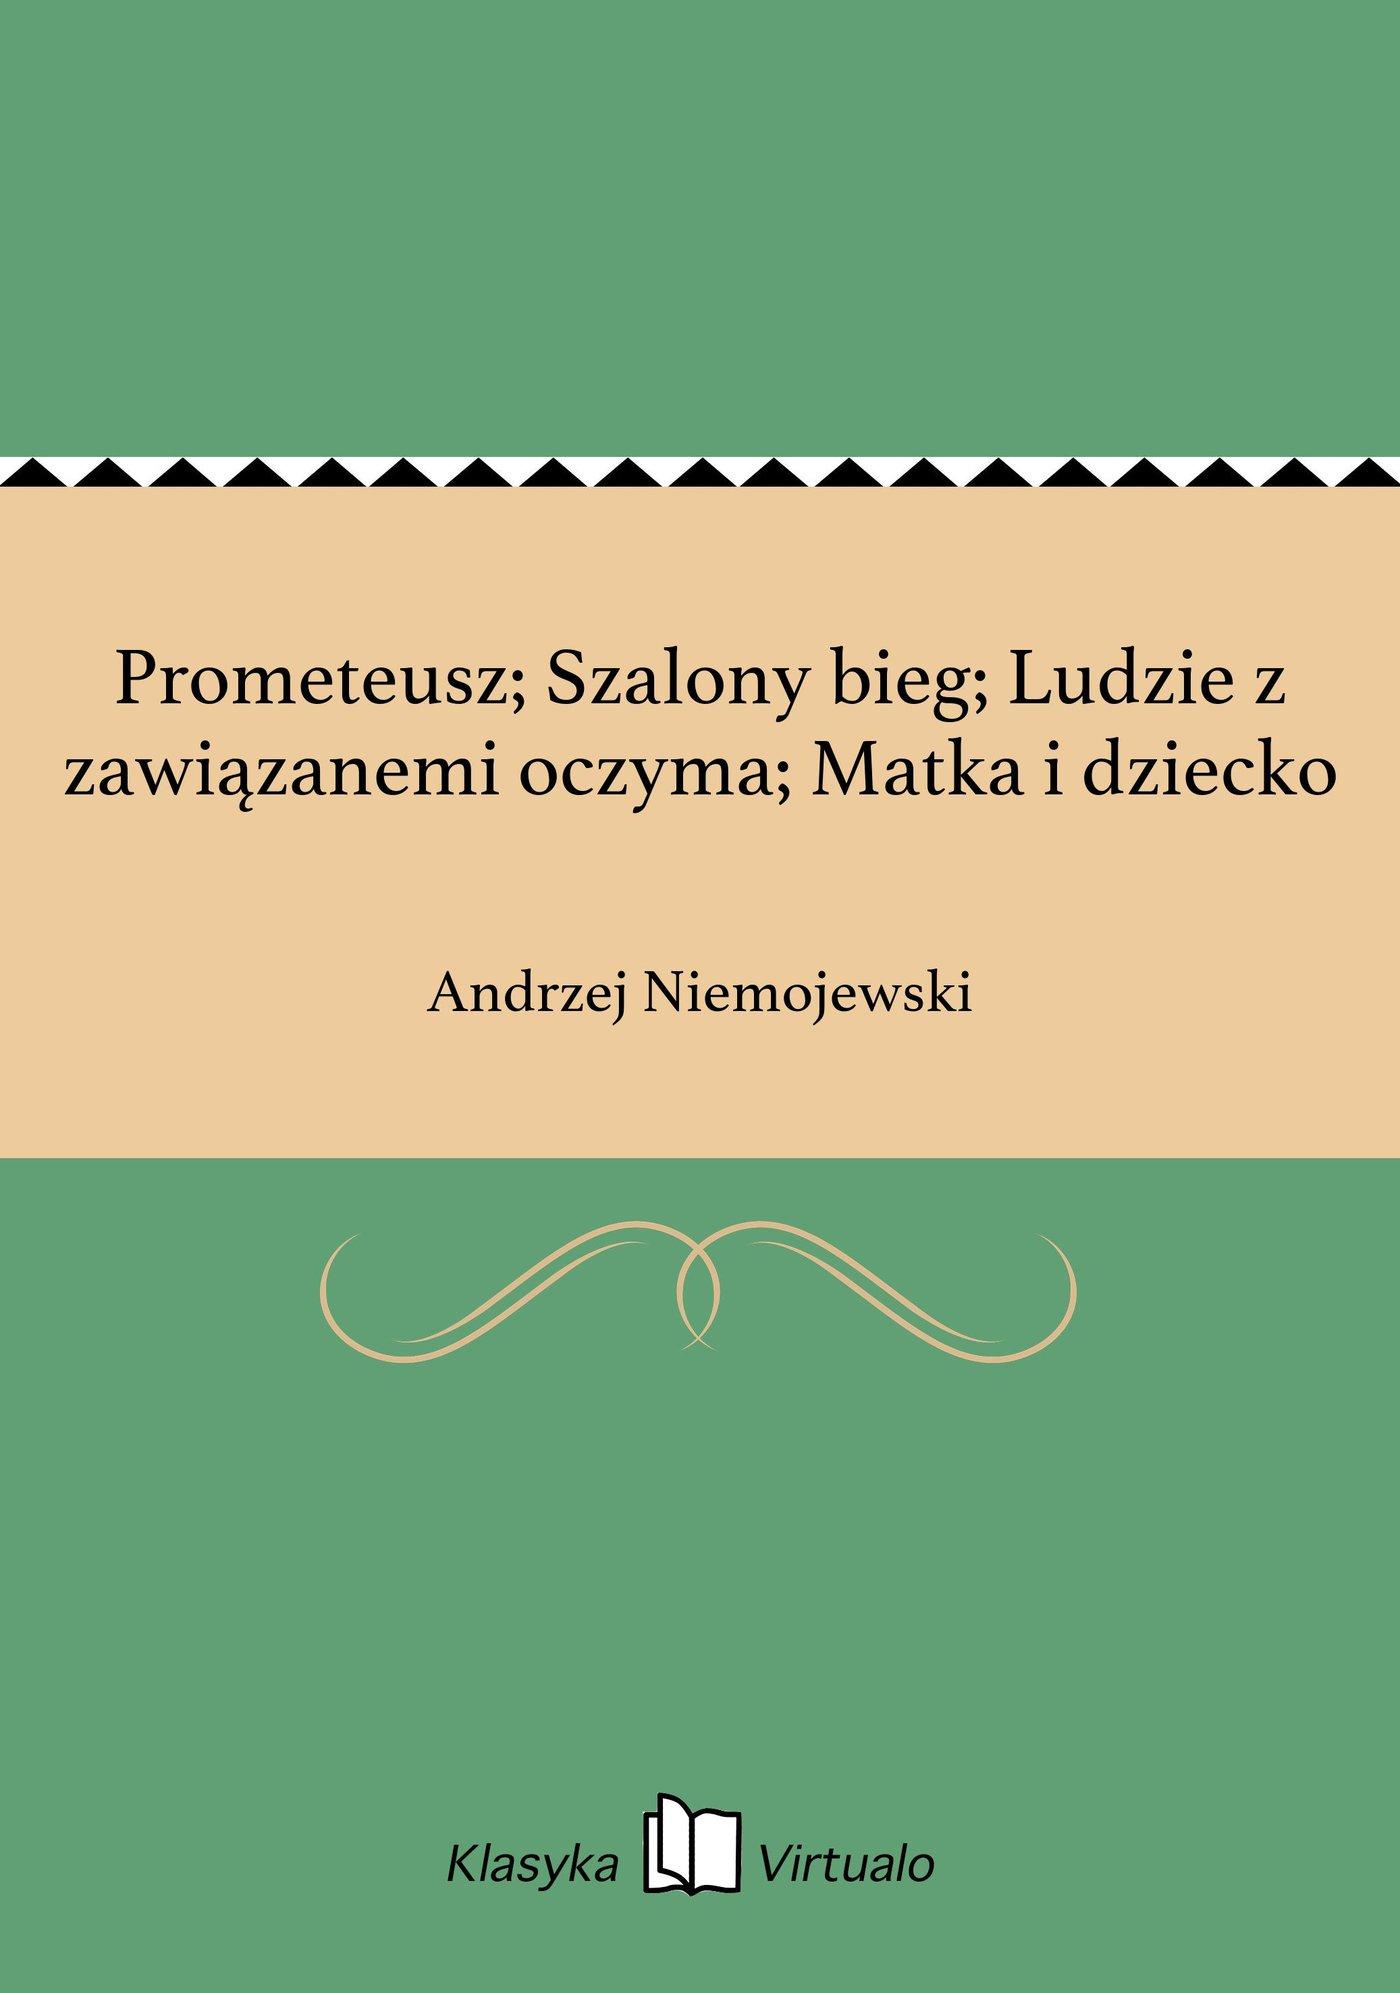 Prometeusz; Szalony bieg; Ludzie z zawiązanemi oczyma; Matka i dziecko - Ebook (Książka EPUB) do pobrania w formacie EPUB